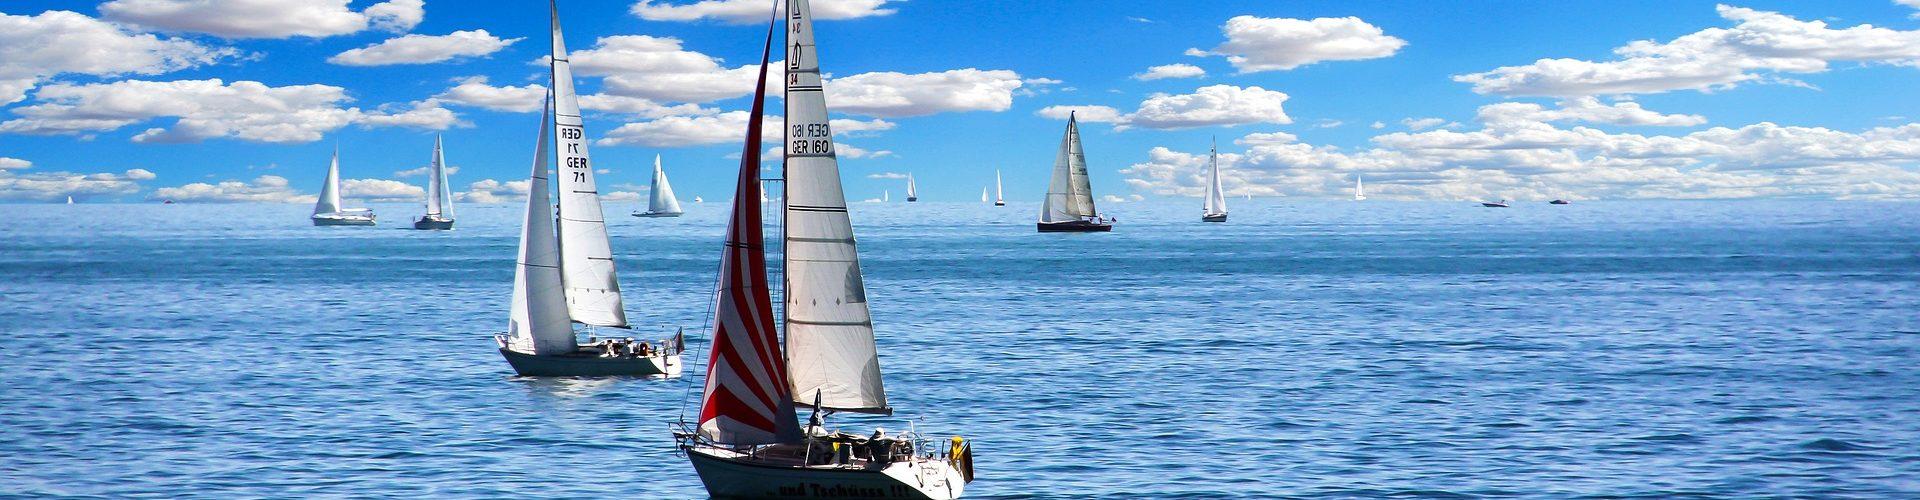 segeln lernen in Tönning segelschein machen in Tönning 1920x500 - Segeln lernen in Tönning